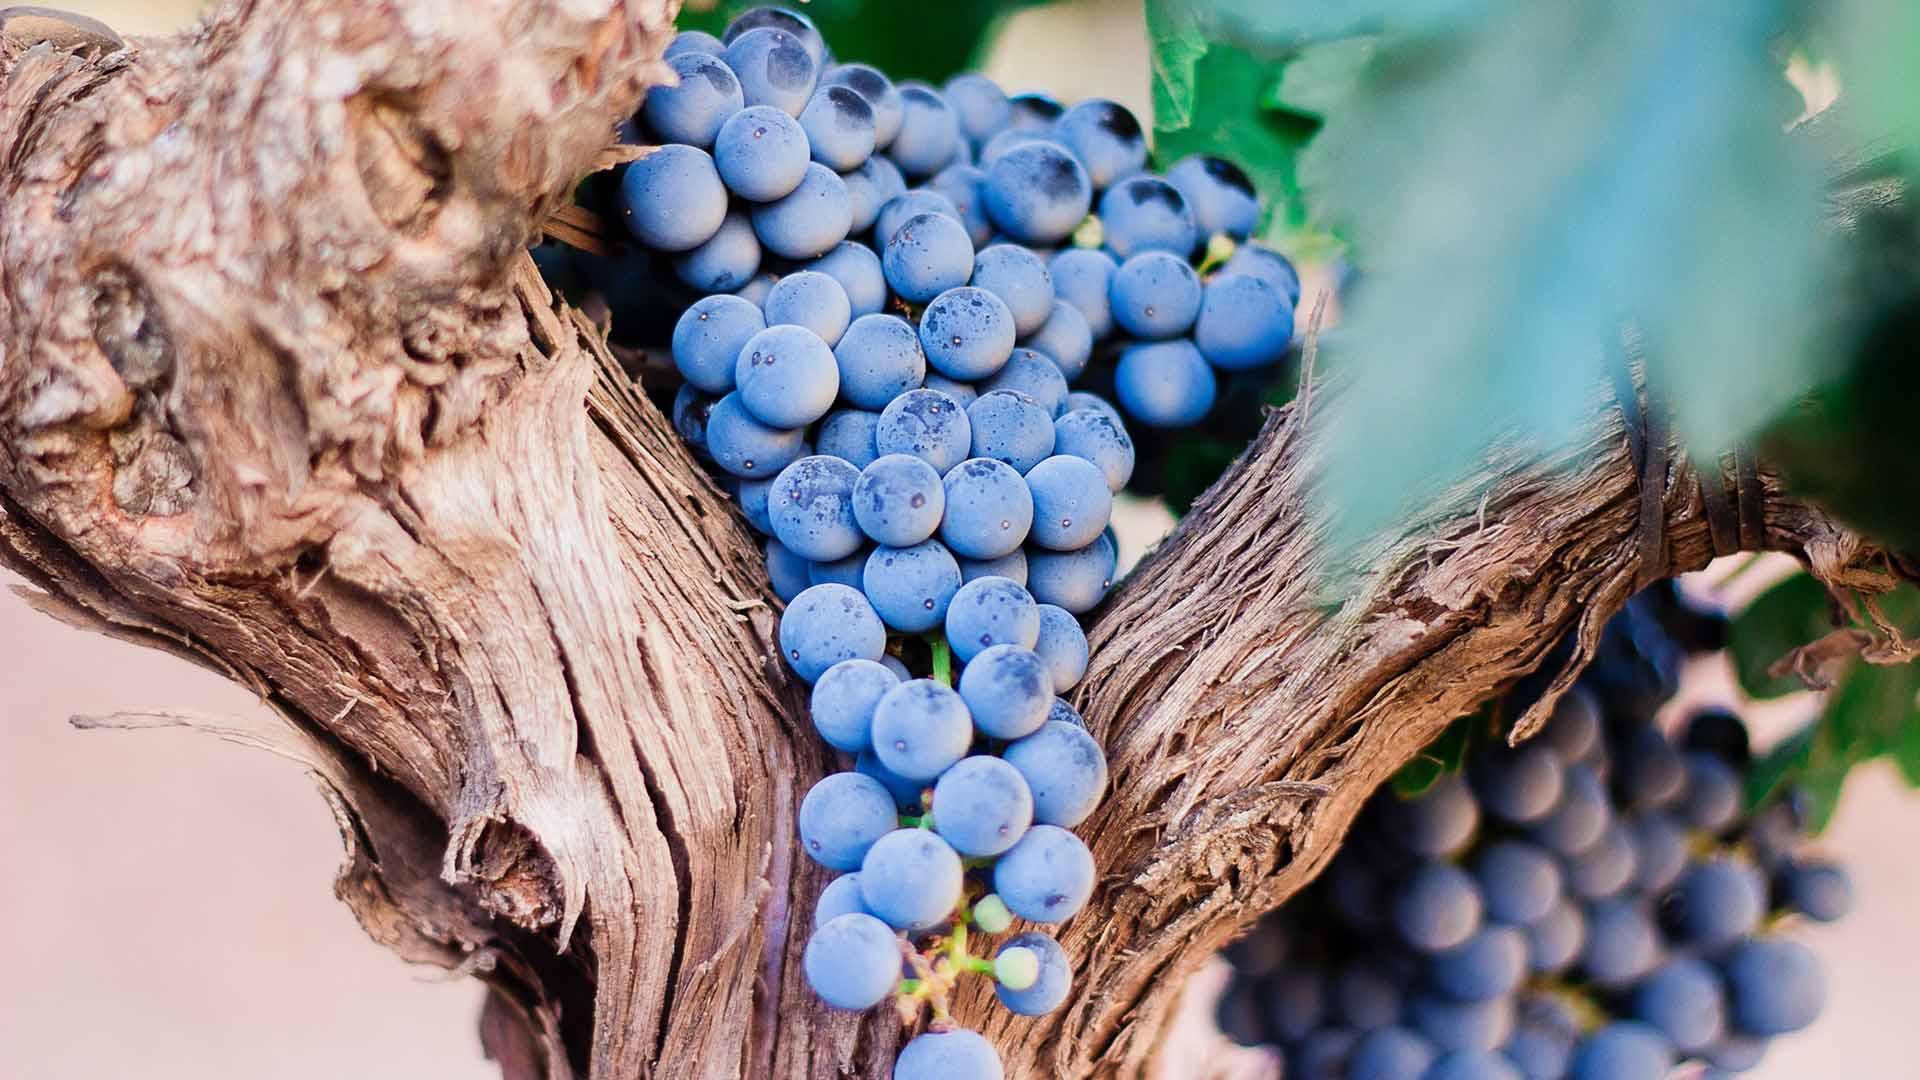 Ribeira Collection Hotel - Arcos de Valdevez - O Sabor da Região - Degustação Vinhos